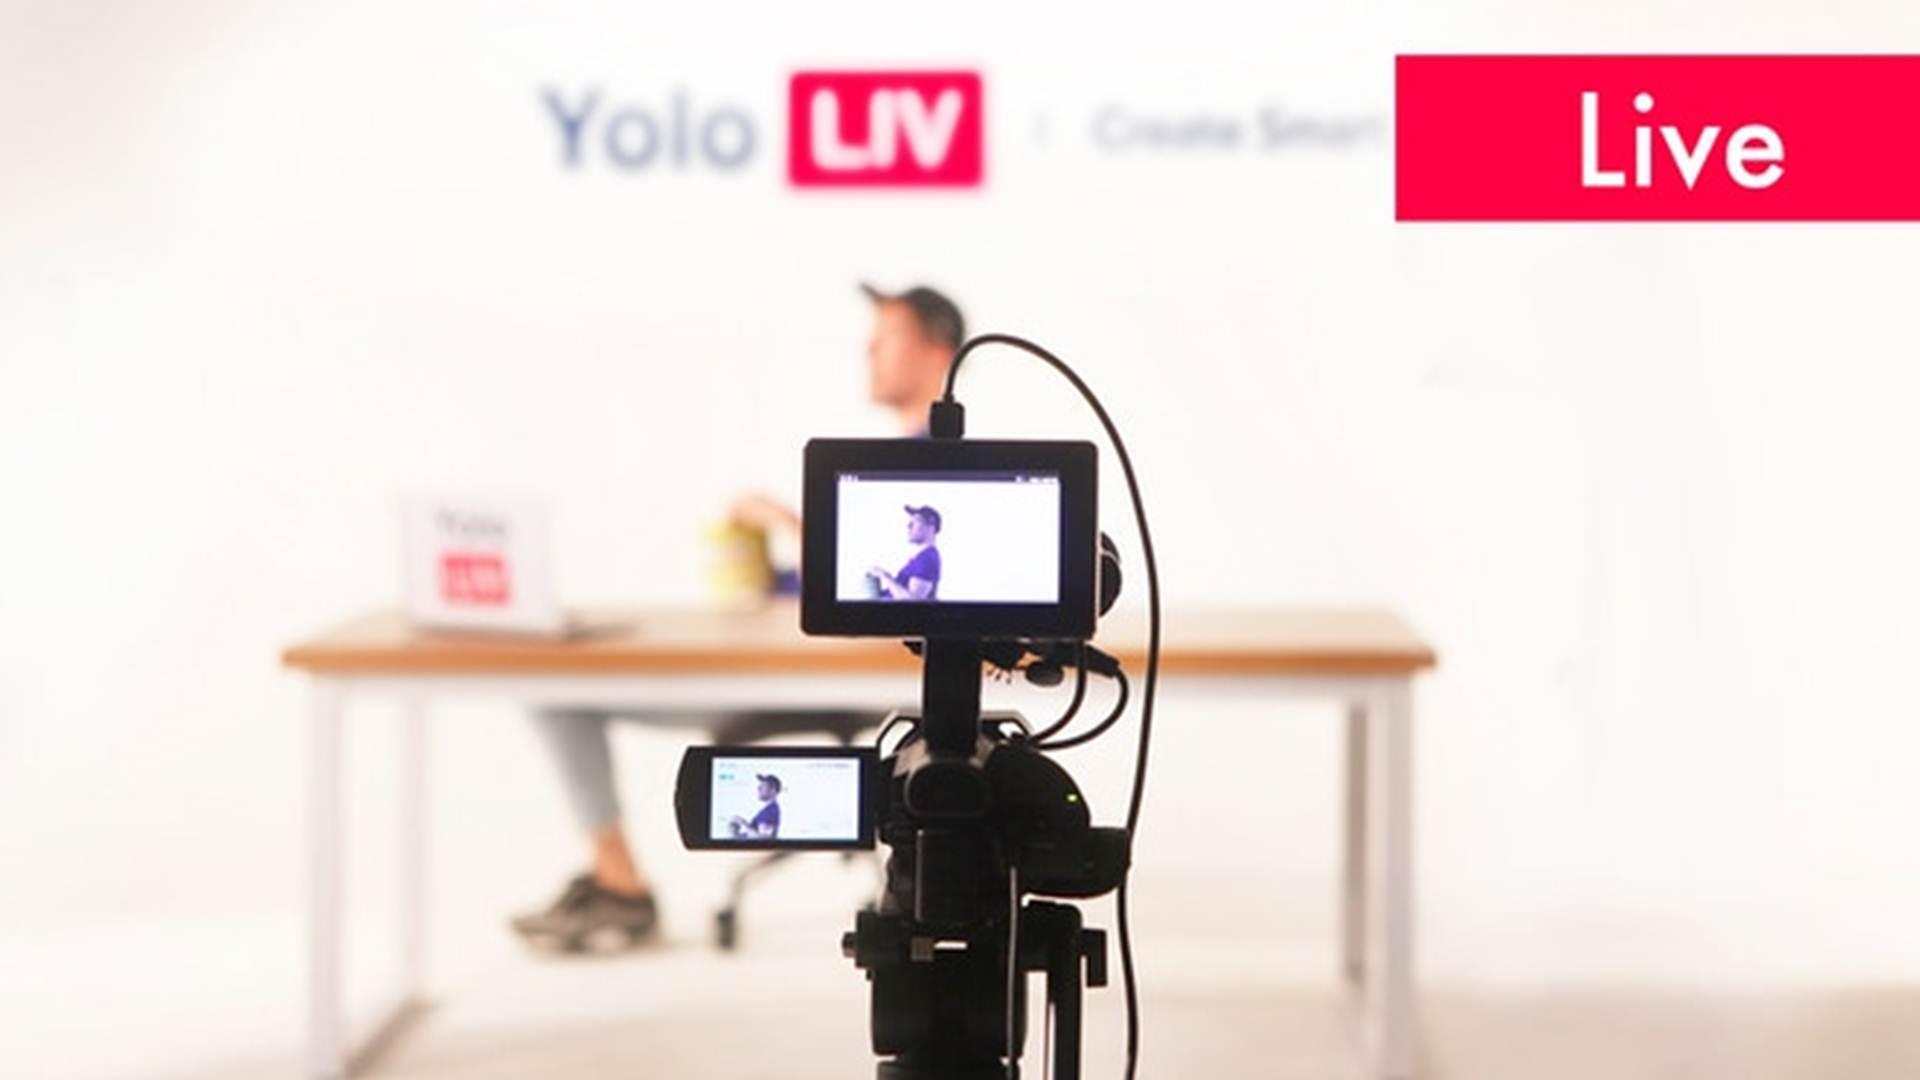 YoloBox อุปกรณ์ที่จะทำให้เราไลฟ์สตรีมมิ่งผ่านกล้องดิจิตอลได้เกือบทุกรุ่น